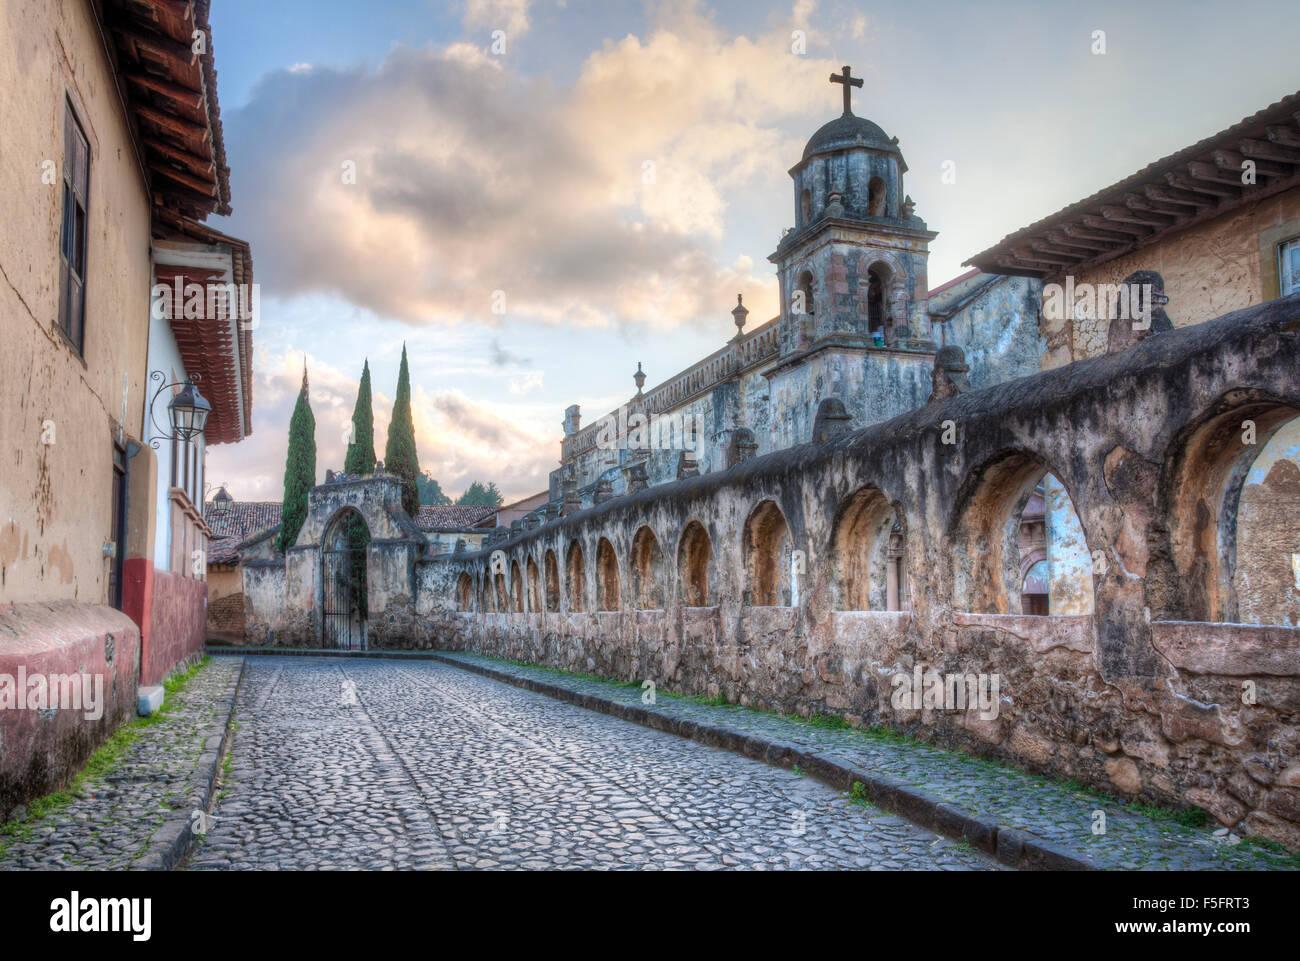 Straße mit Kopfsteinpflaster in der Kolonialen Dorf von patzcuaro, Michoacán, Mexiko. Stockbild